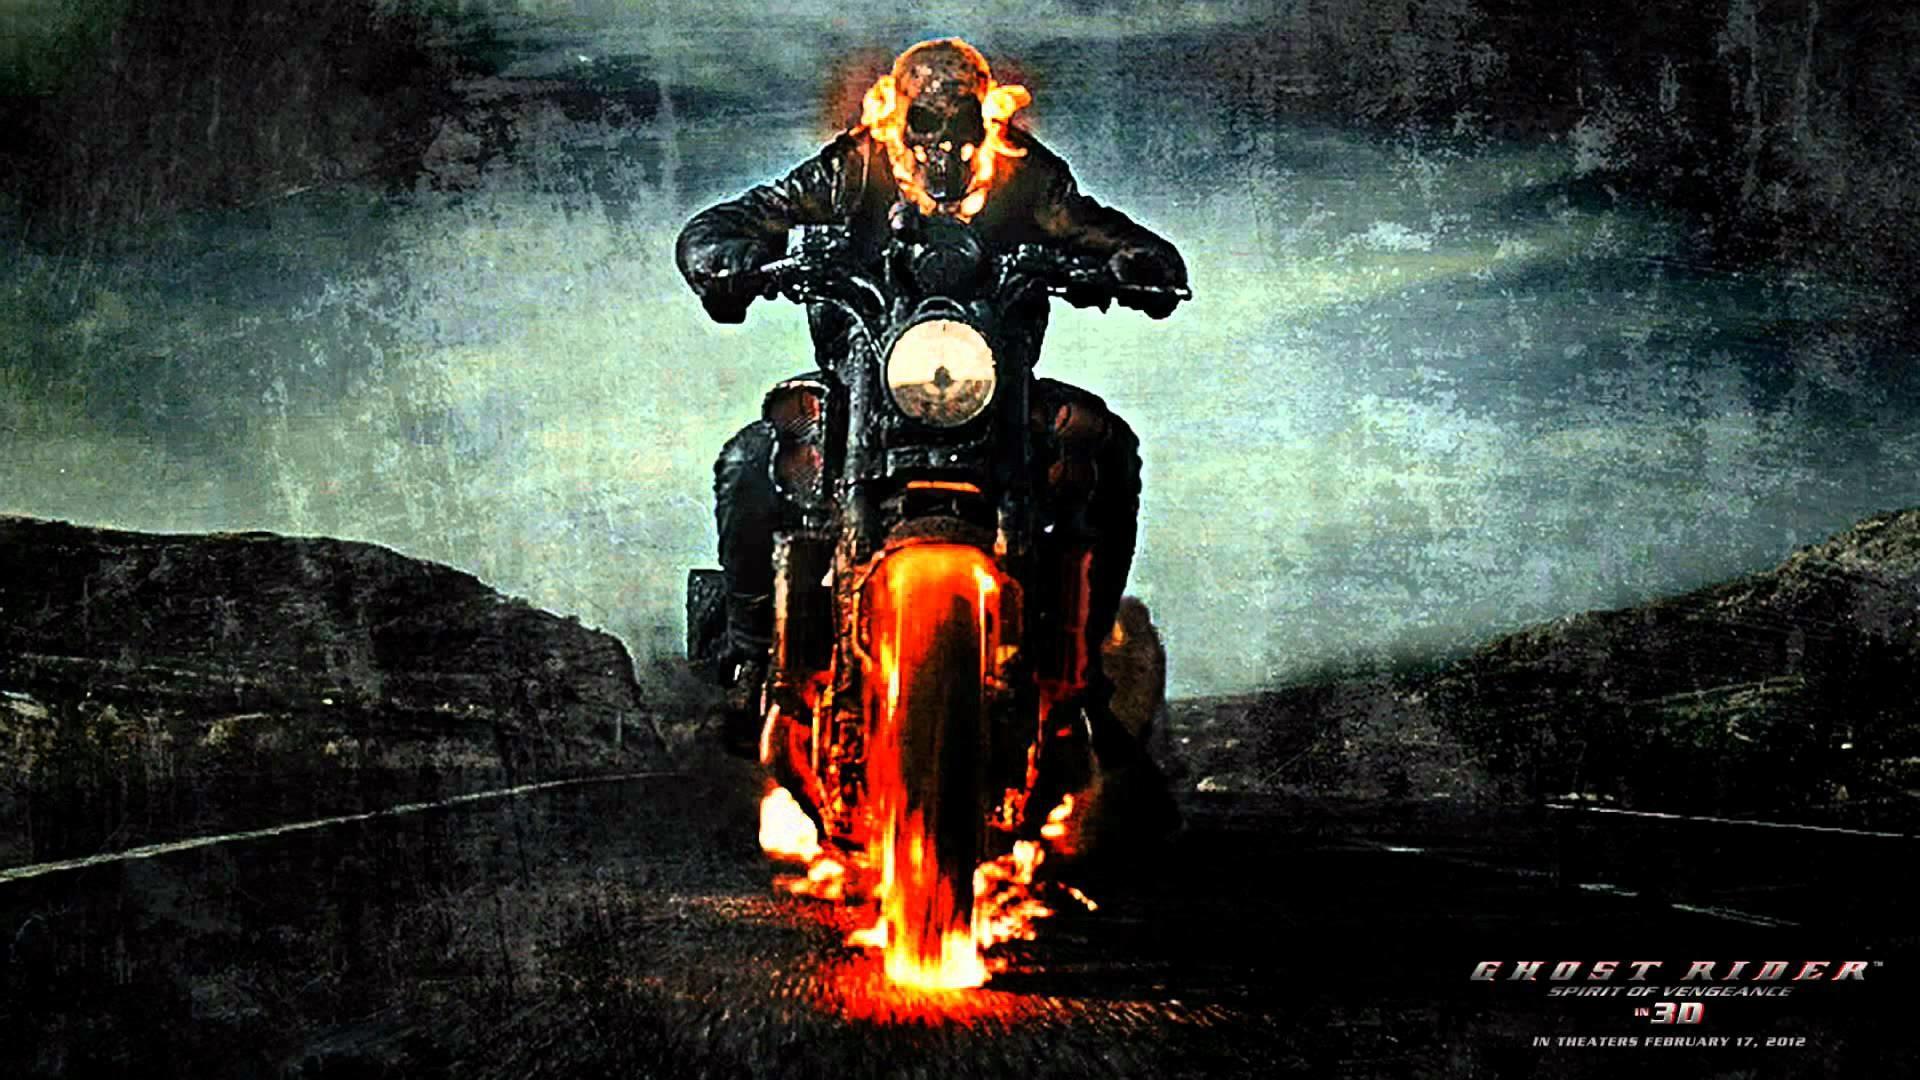 Wallpaper Superhero Marvel 3d Ghost Rider 2 Wallpaper 183 ①